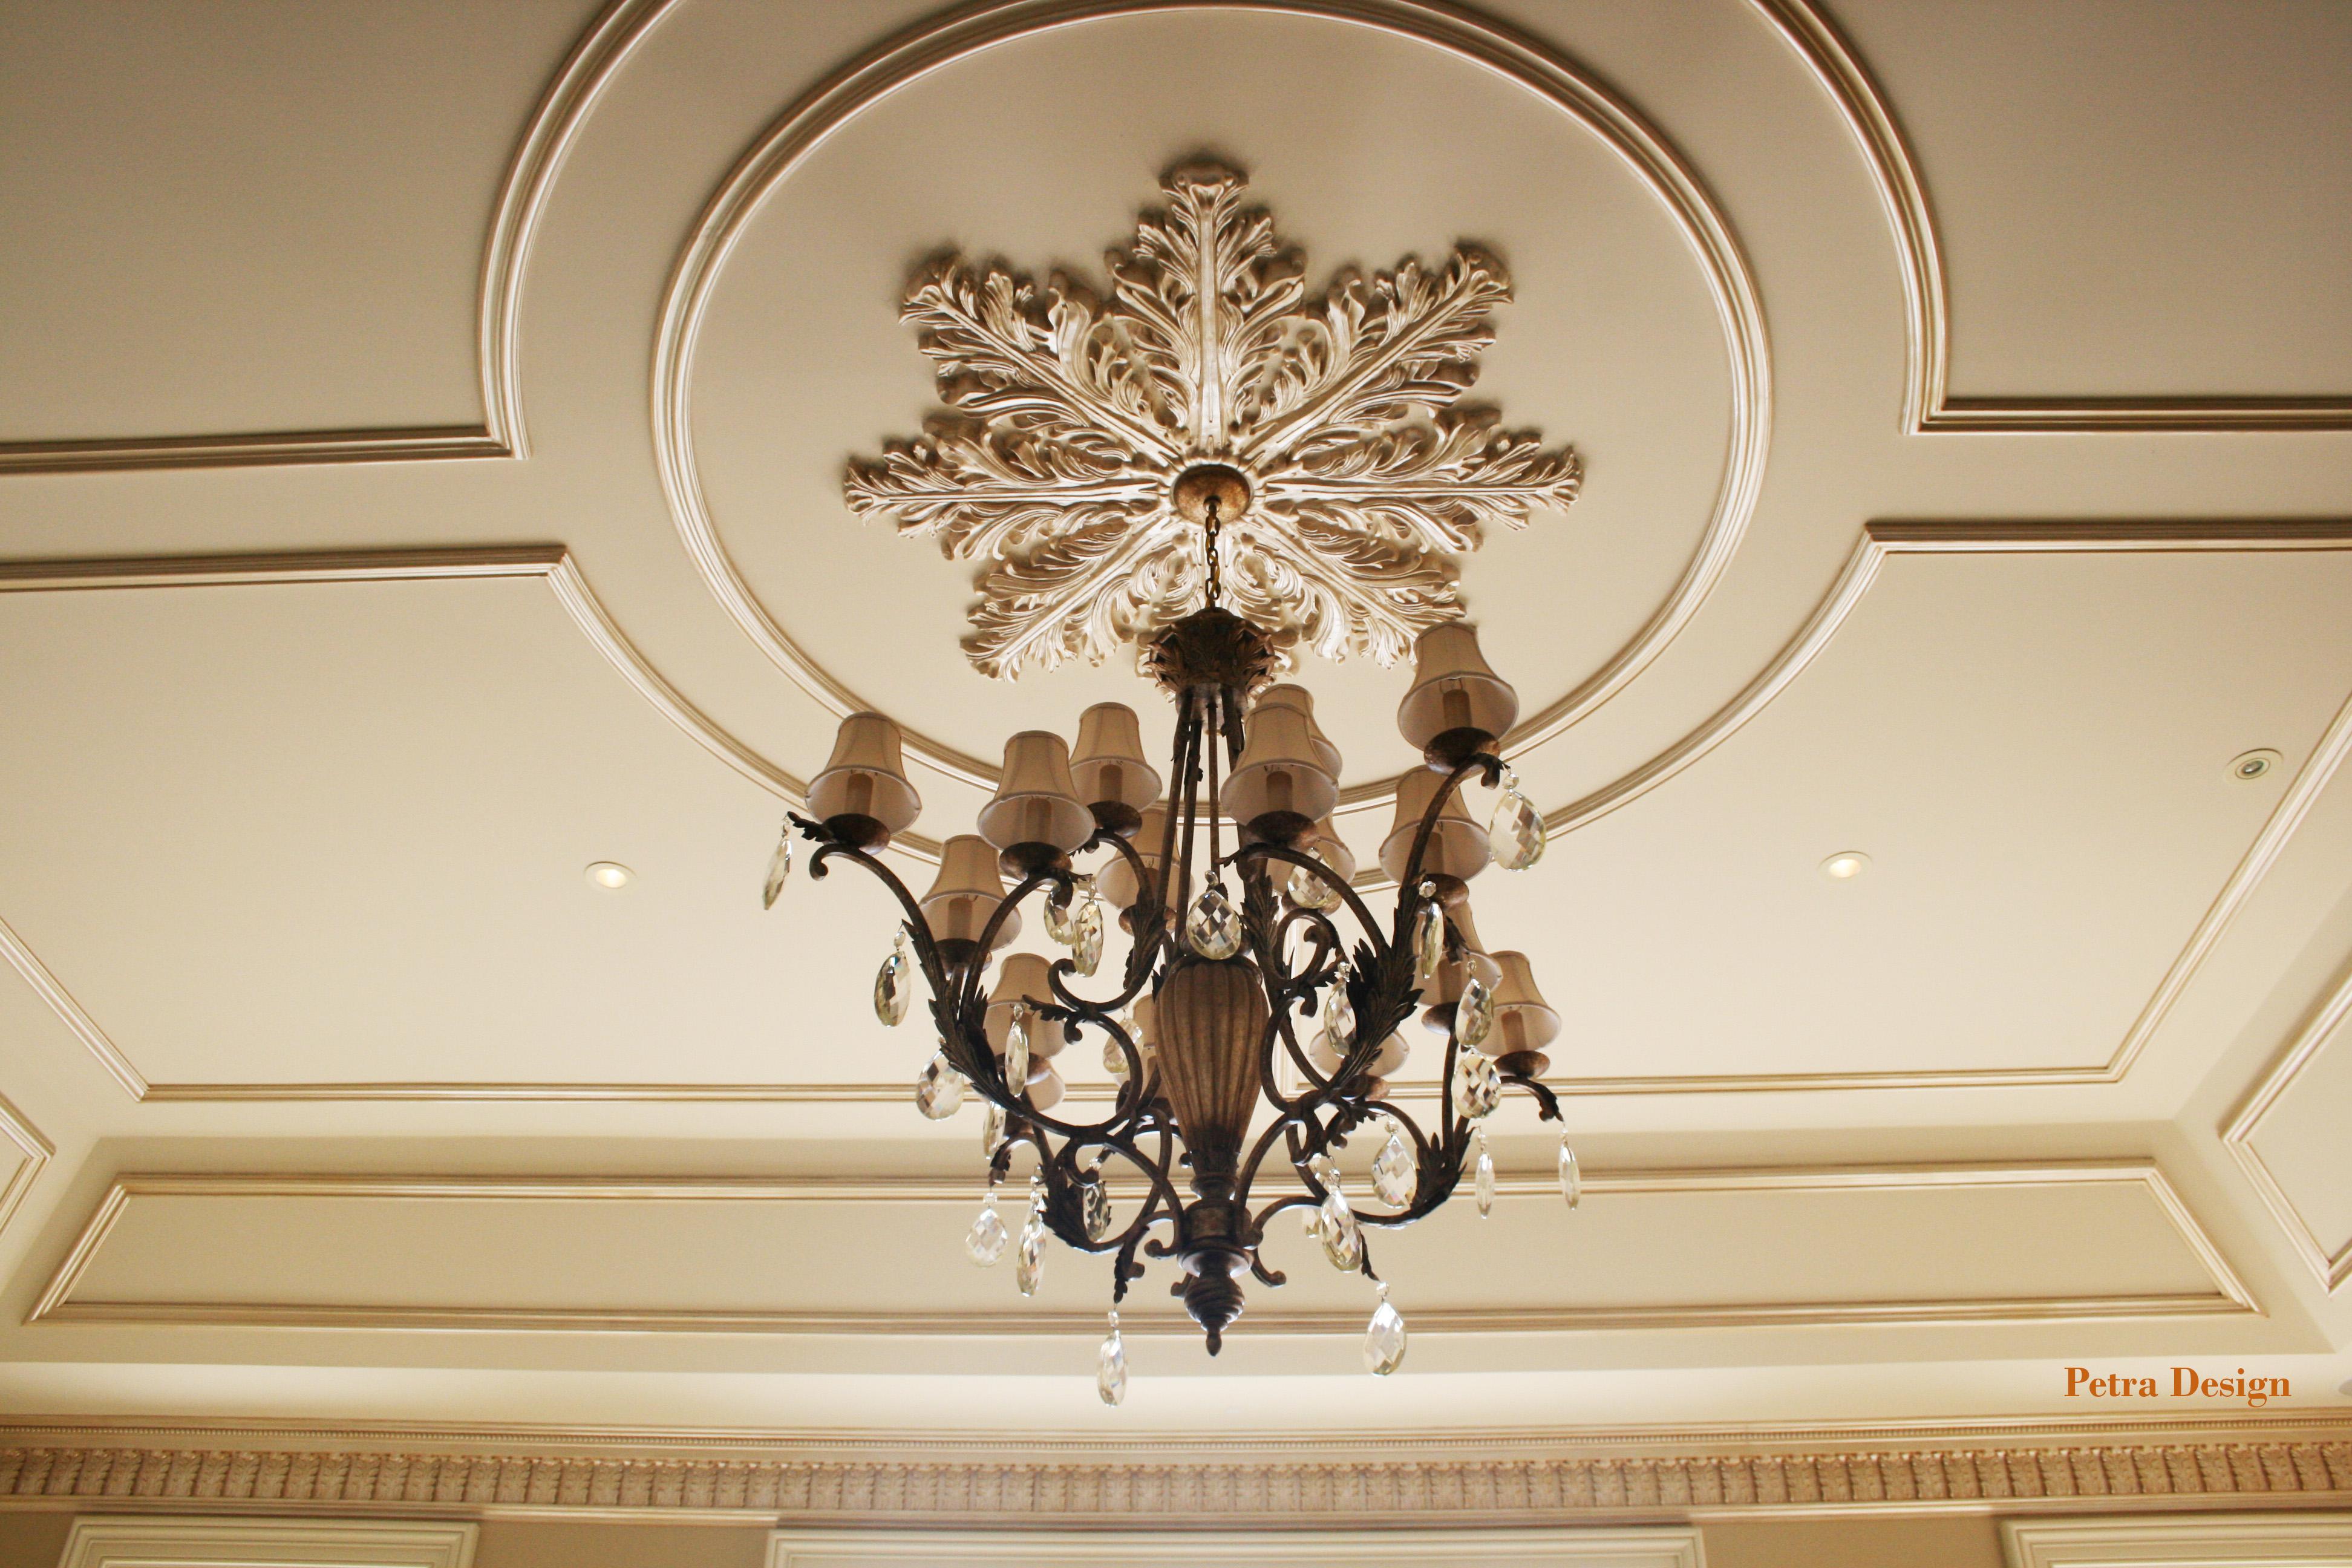 Ceiling, ceiling design, interior, interior tip, home interior, interior ceiling, home ceiling, home ceiling interior, ceiling centers, ceiling rings, ceiling centers